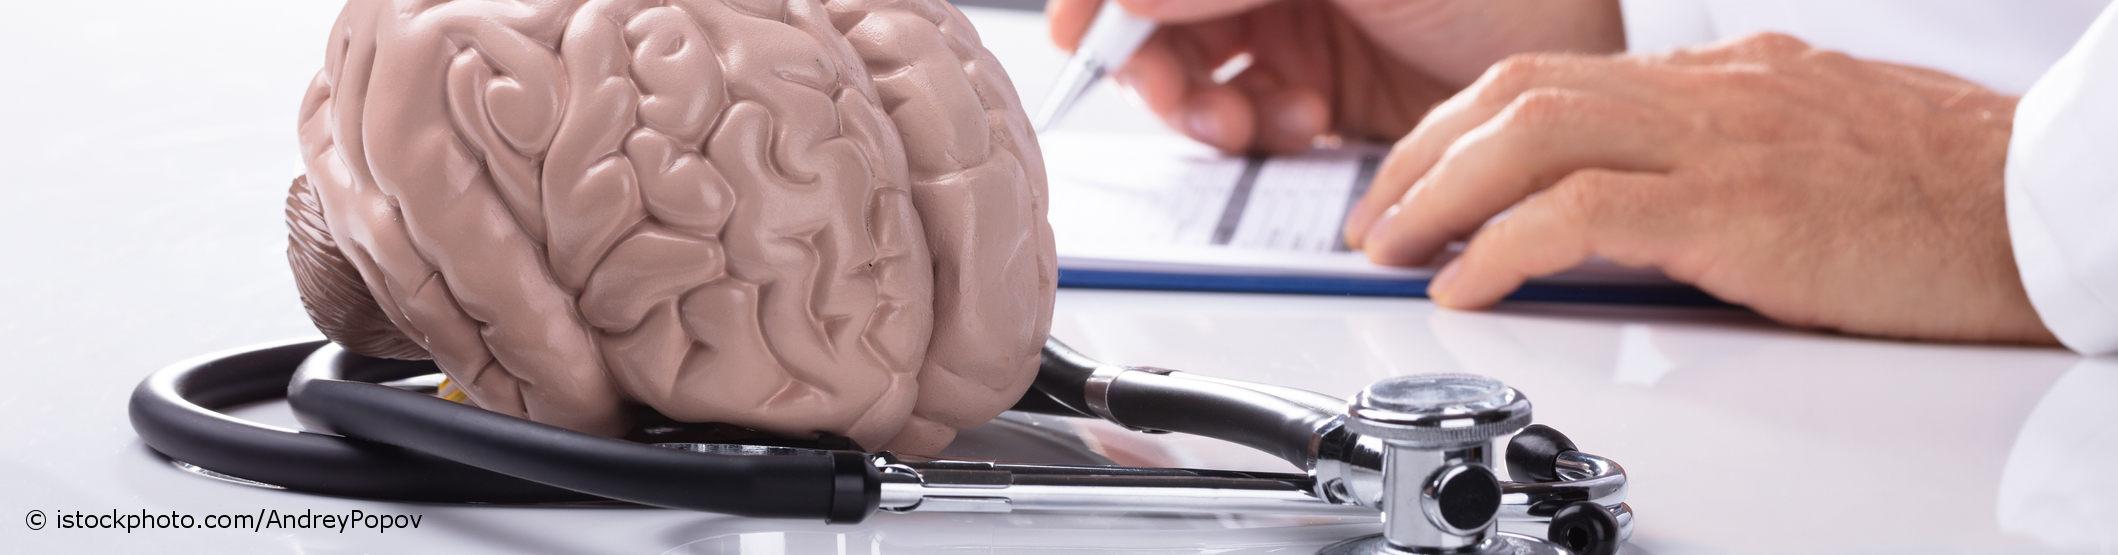 Auf docinsider registrierter Neurologe sitzt vor einem Modell des menschlichen Gehirns, um das ein Stethoskop gewickelt ist.